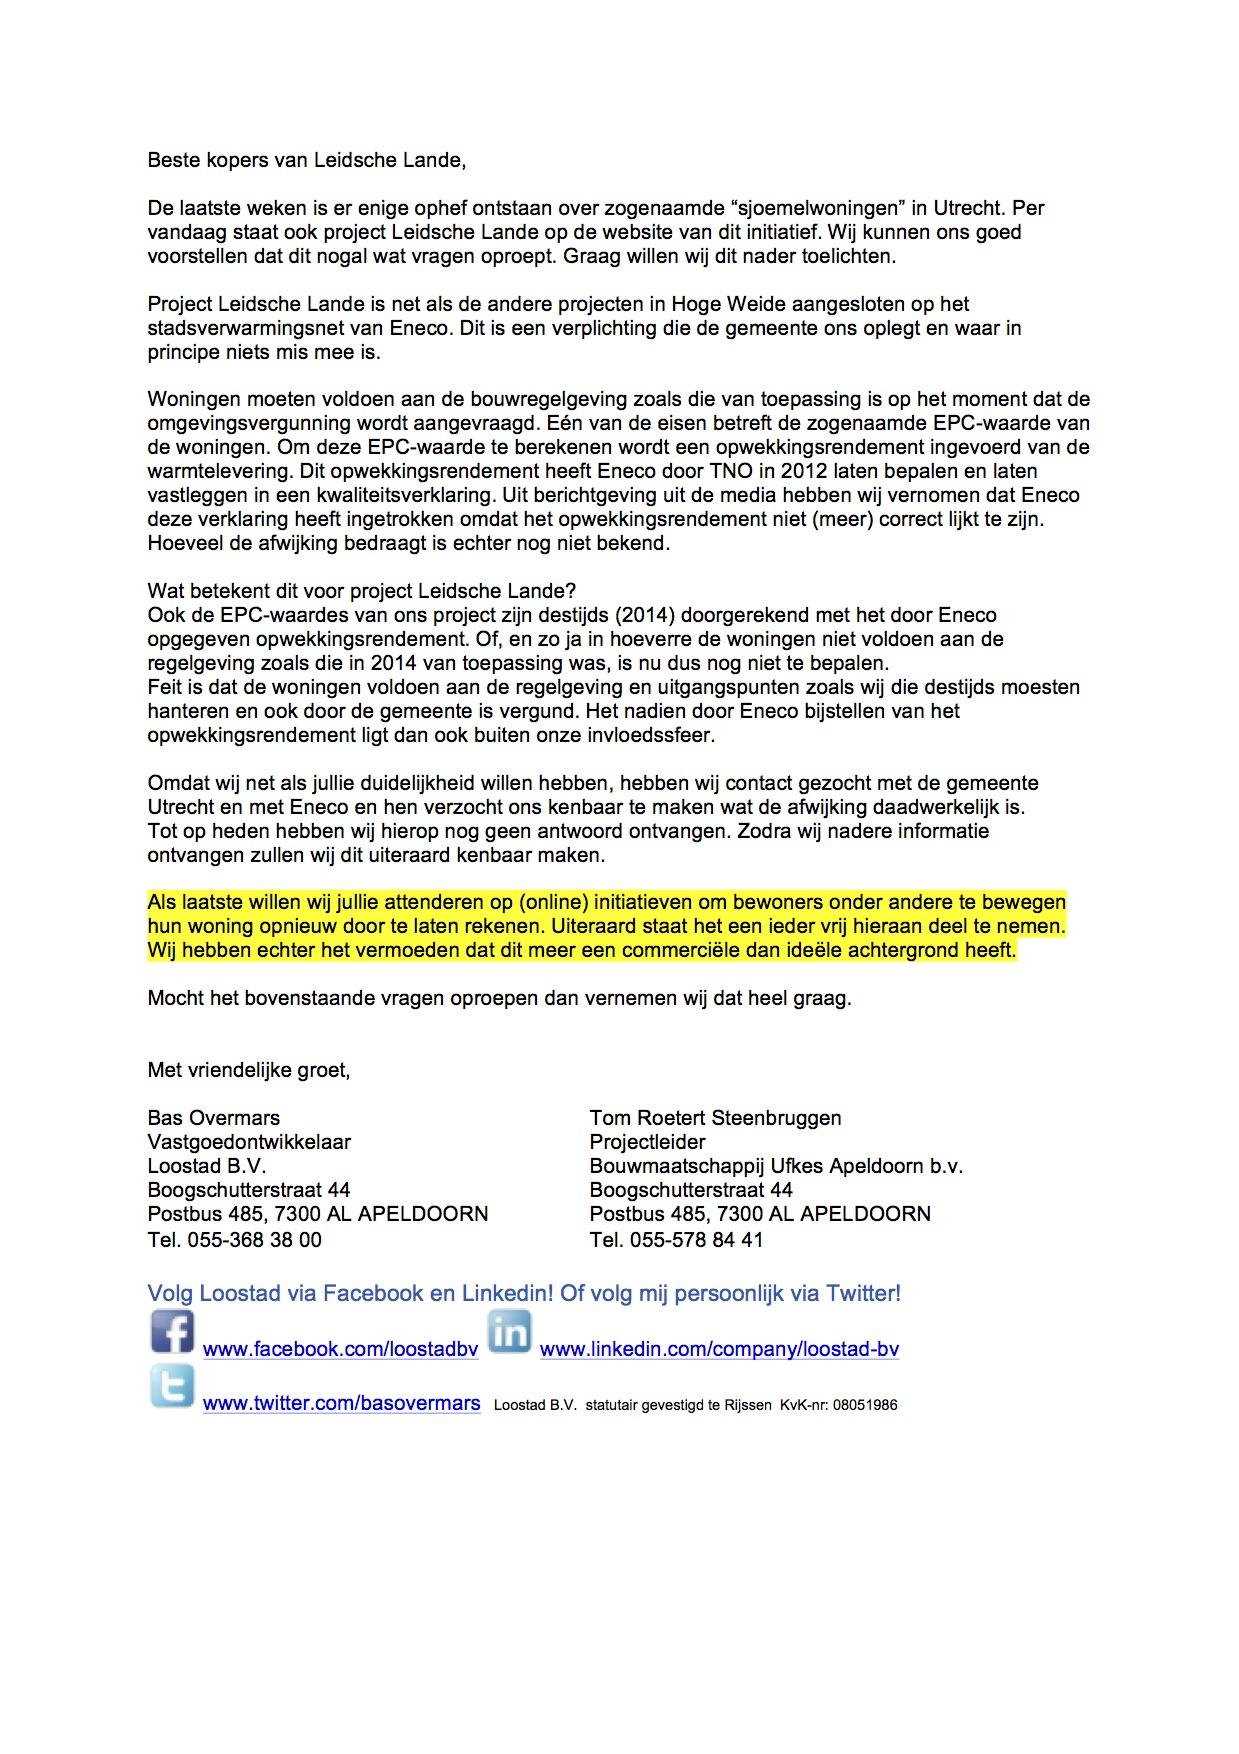 Nieuwsbrief Loostad Leidsche Lande 22-03-2016